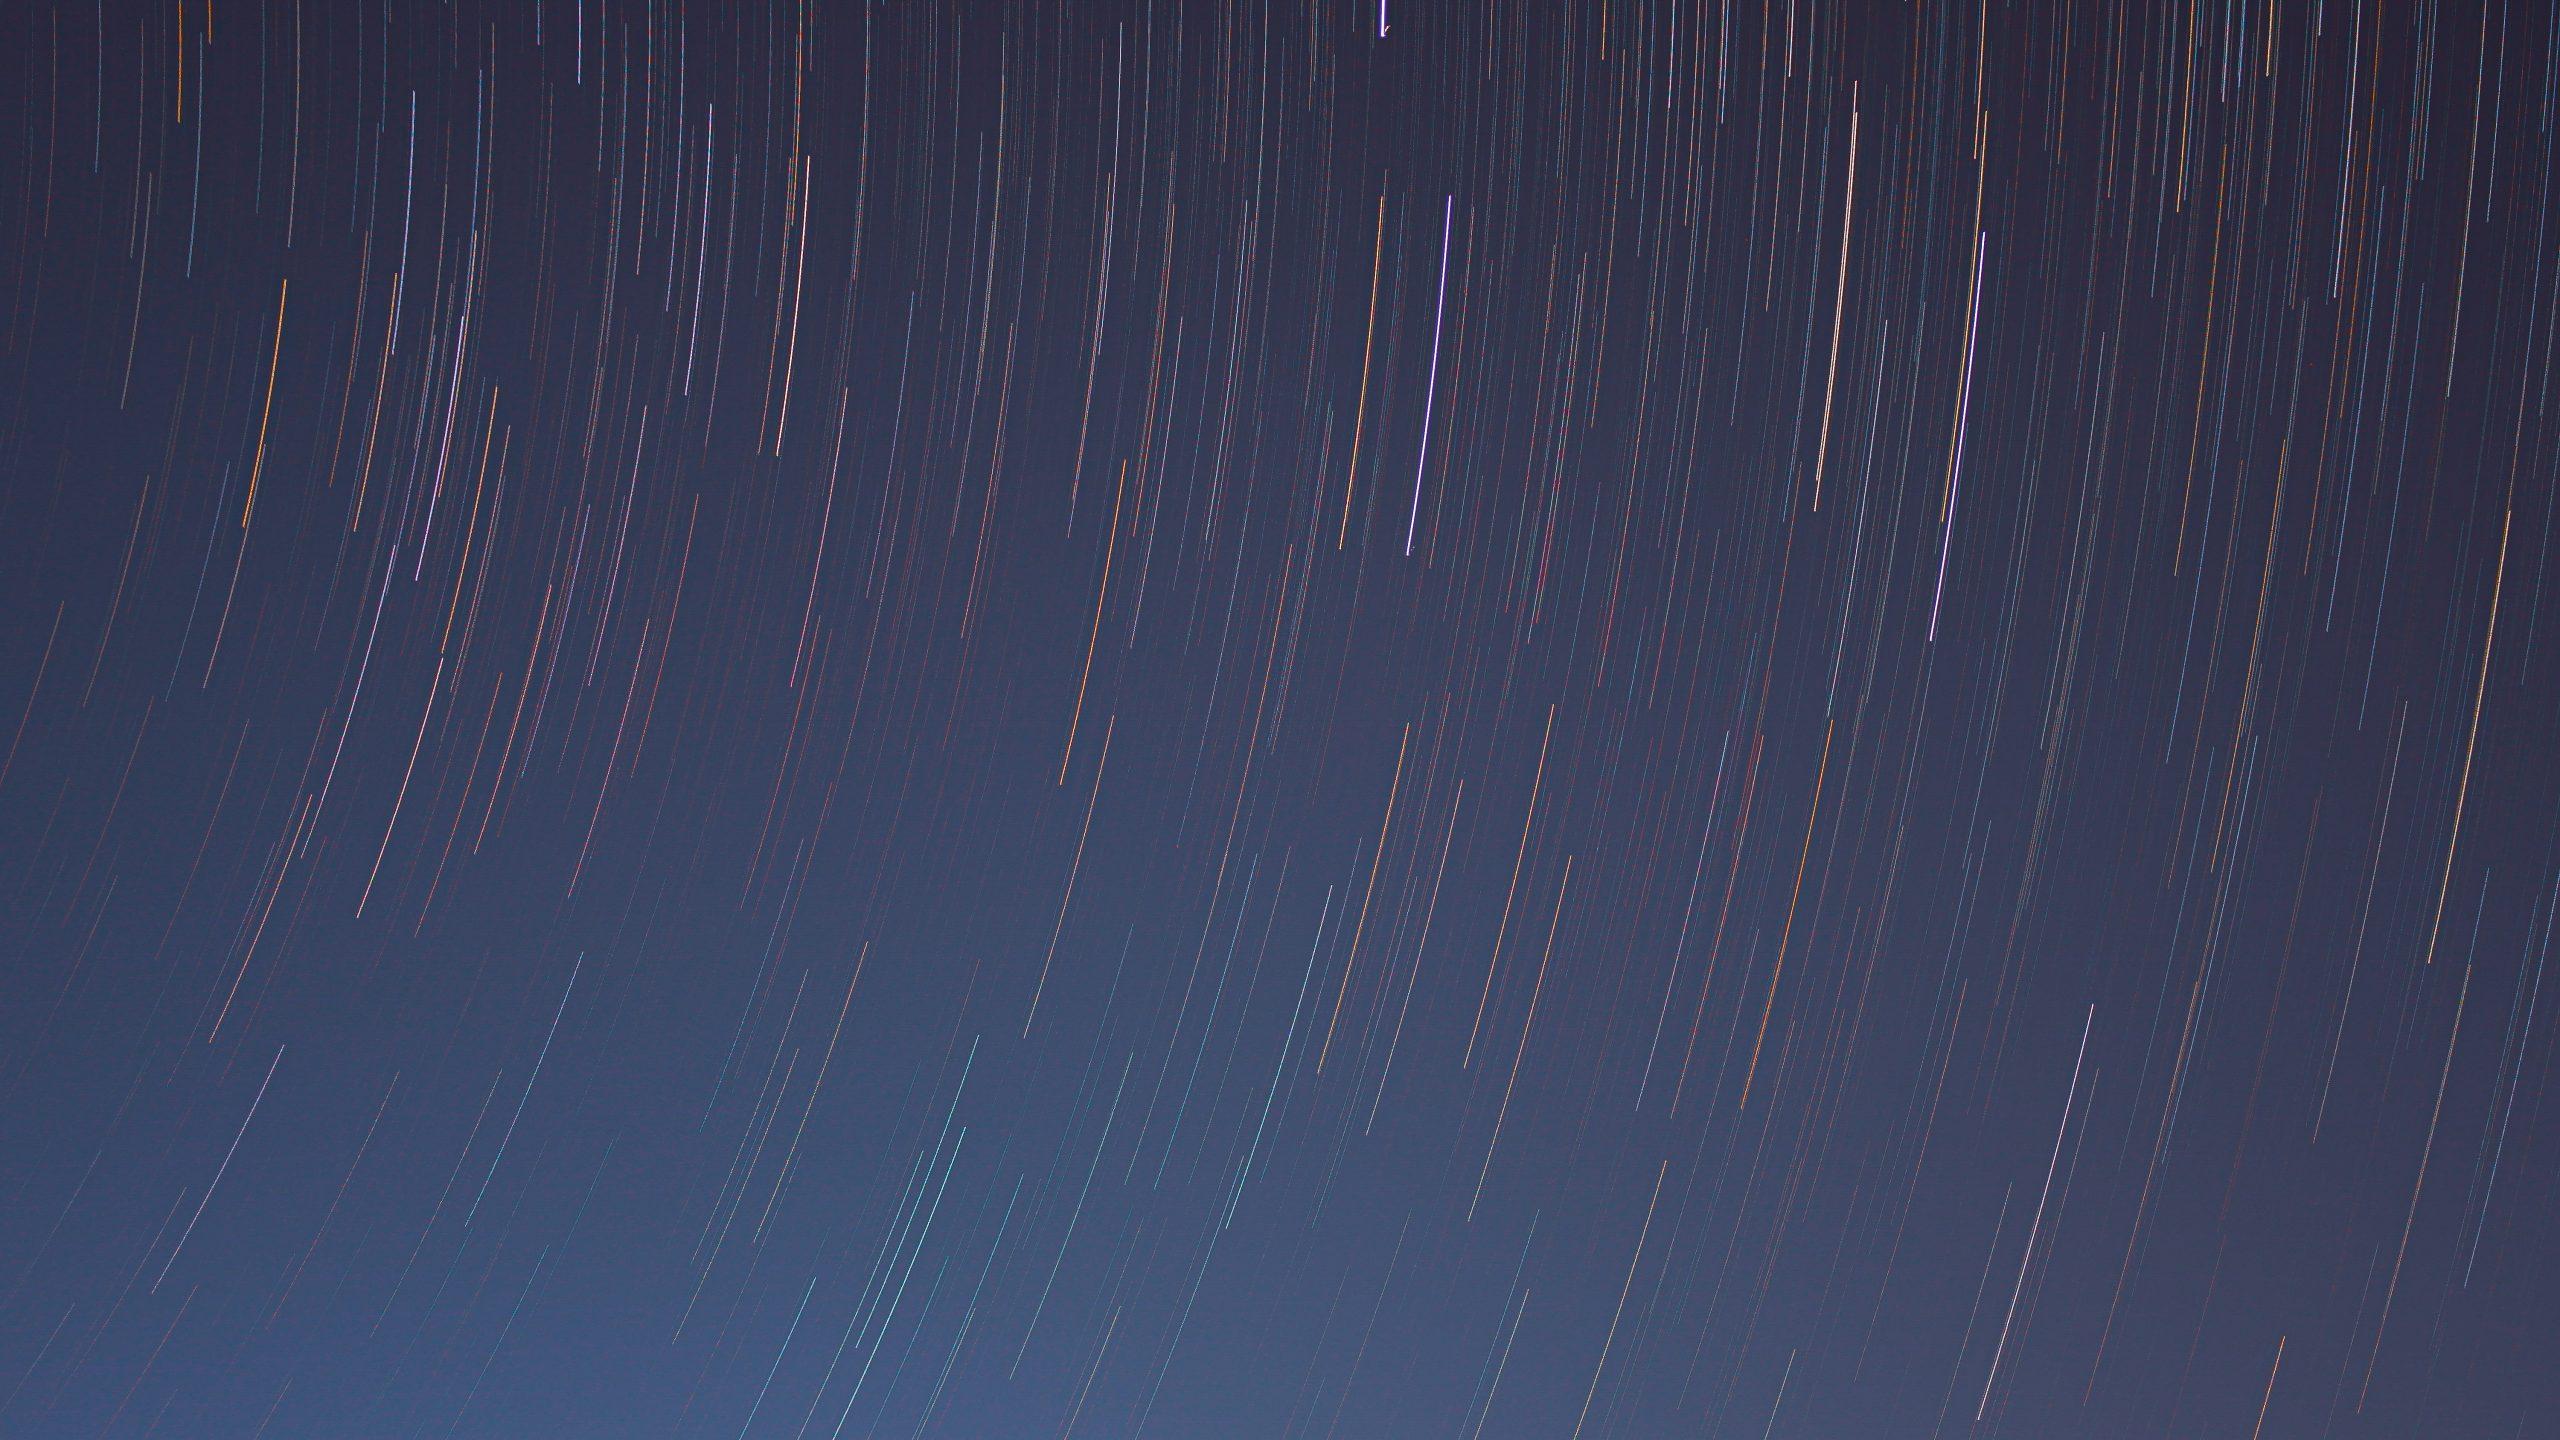 Star trailing